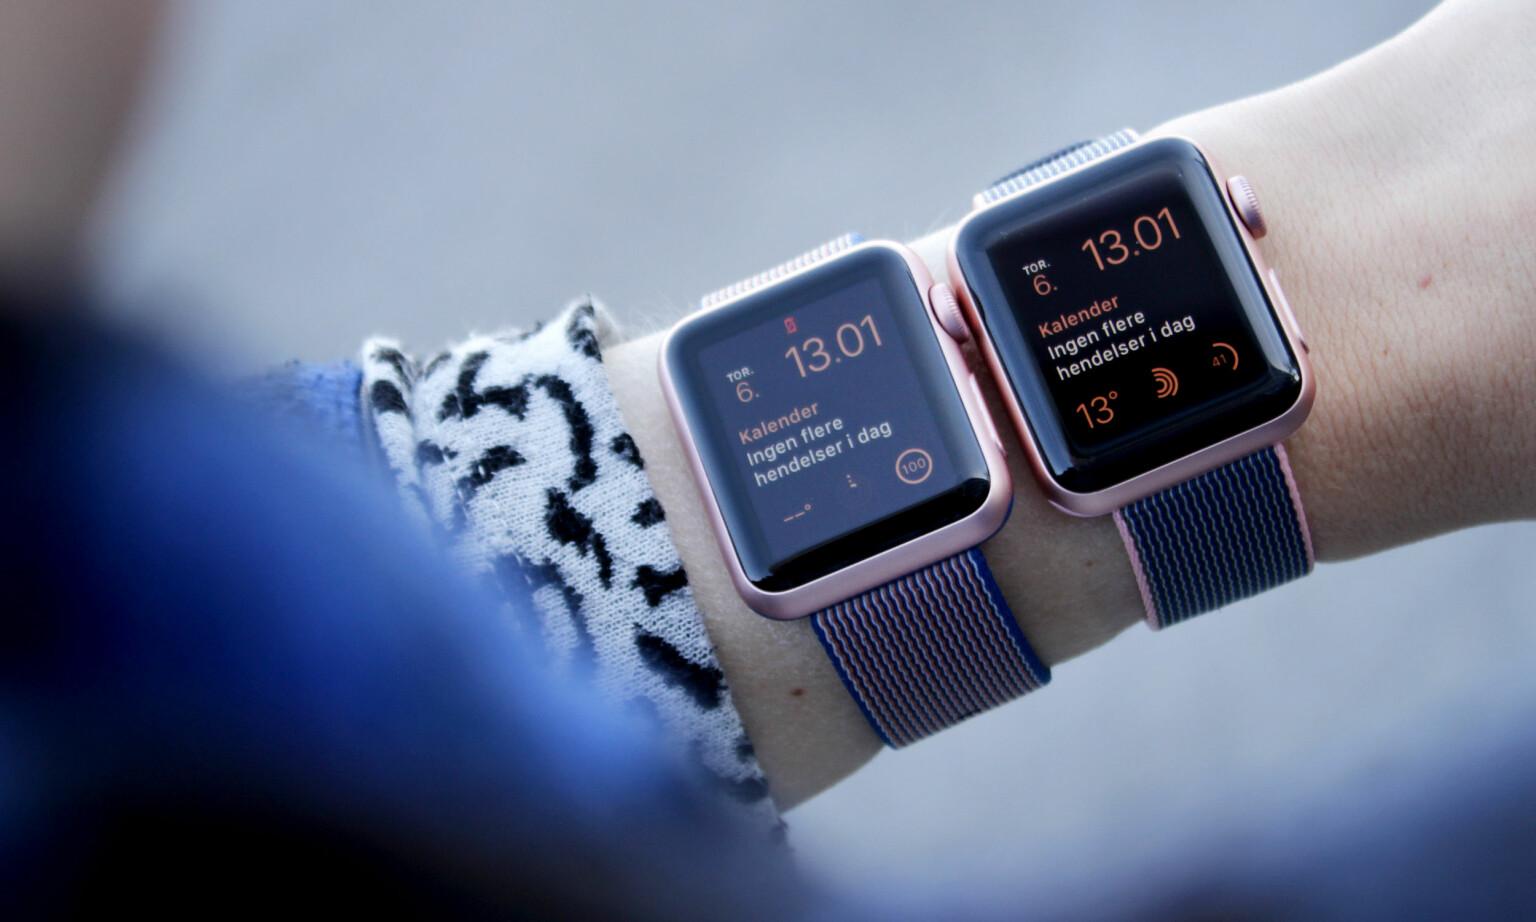 GANSKE LIKE: Det er ikke lett å se forskjell på gamle og nye Apple Watch. Foto: Ole Petter Baugerød Stokke